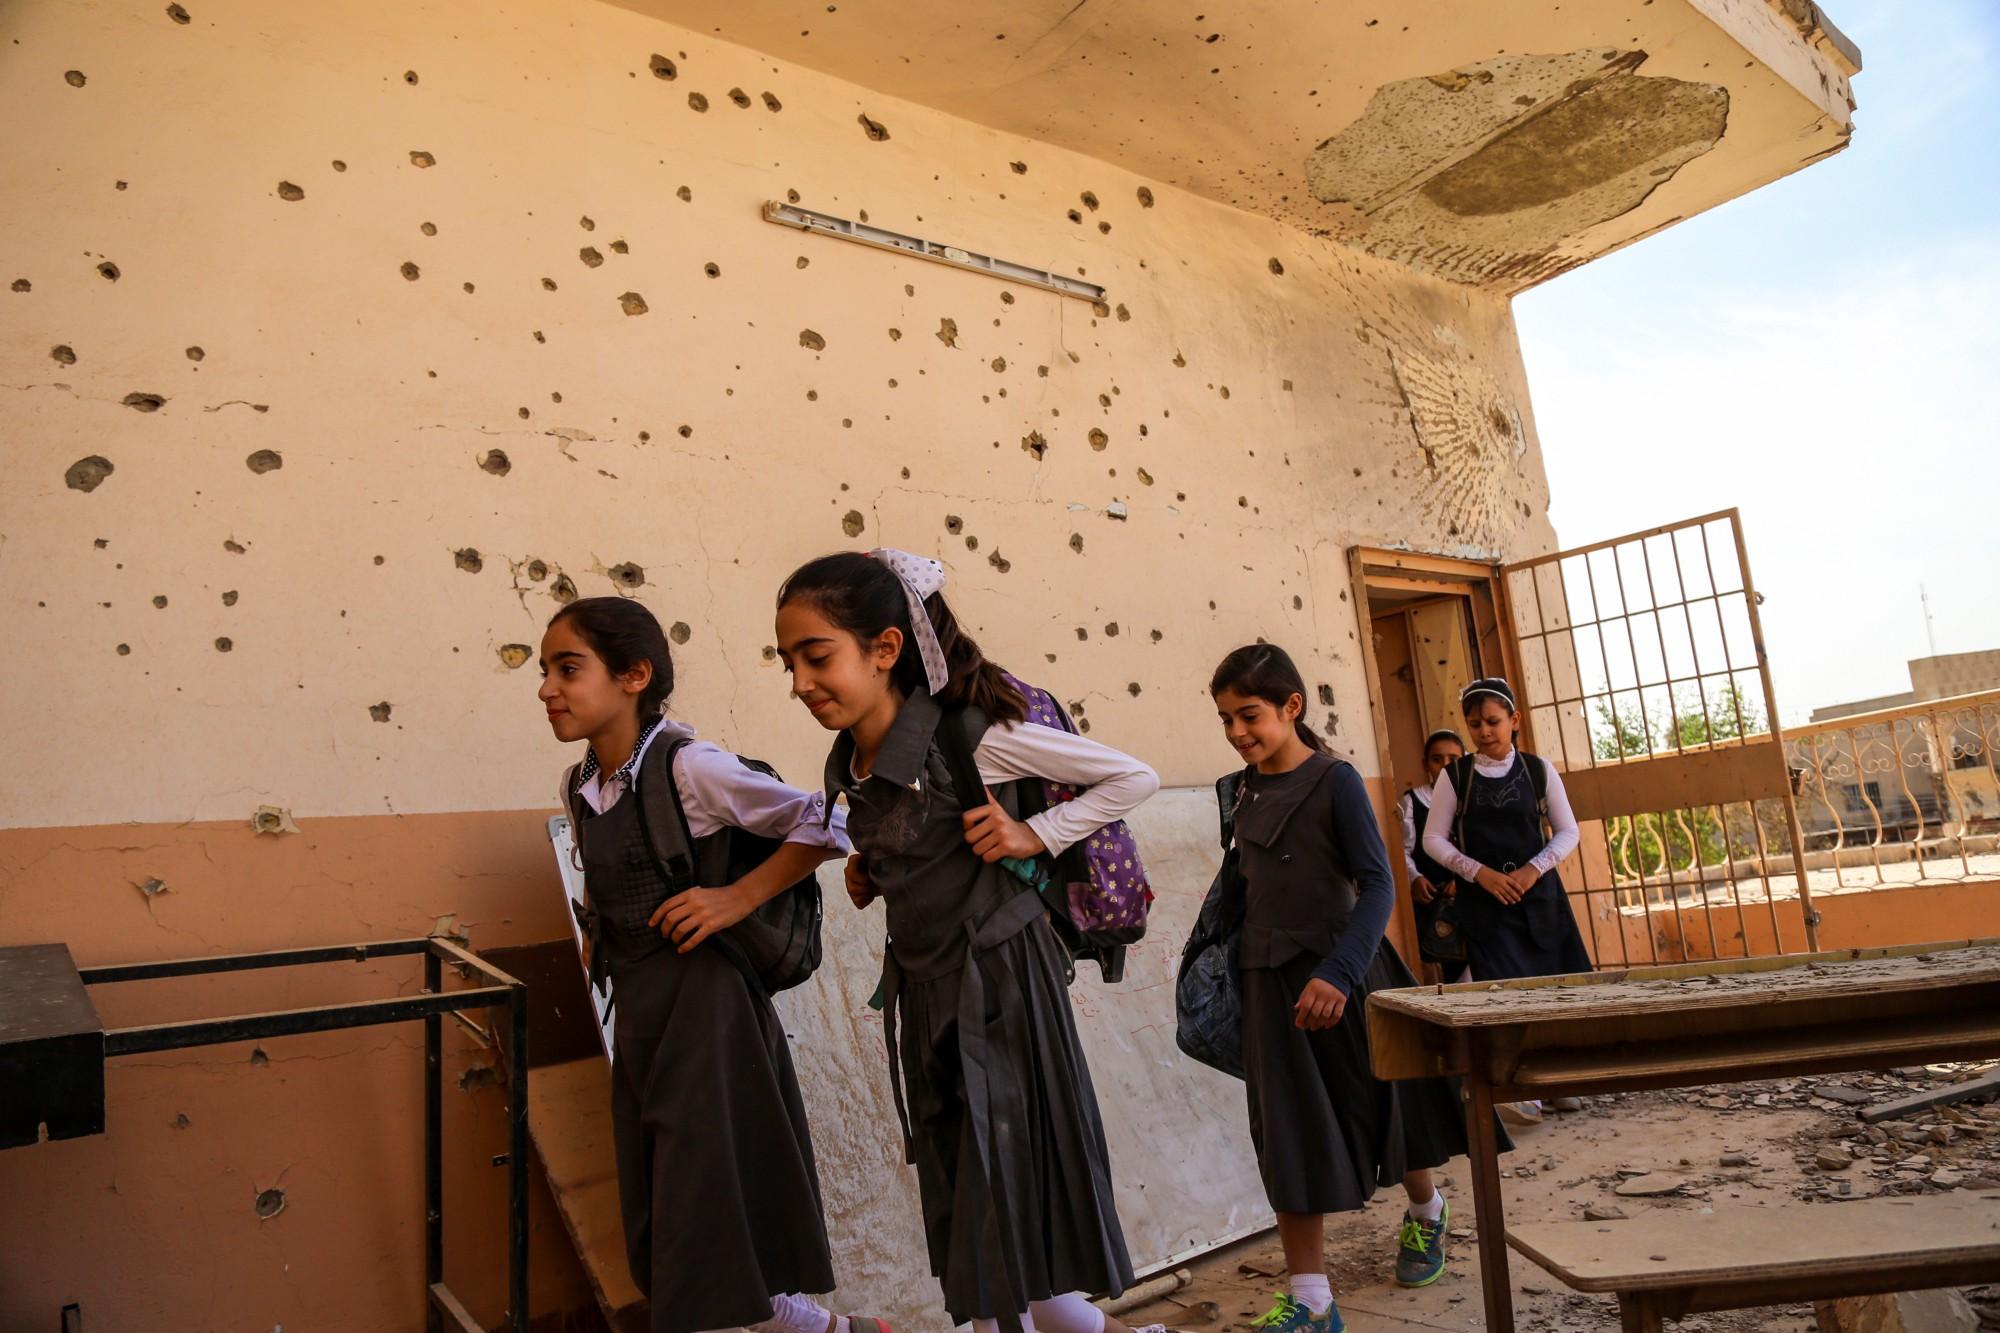 نقيب المعلمين: الاحد والاثنين اضراب للمعلمين والمدرسين في عموم العراق